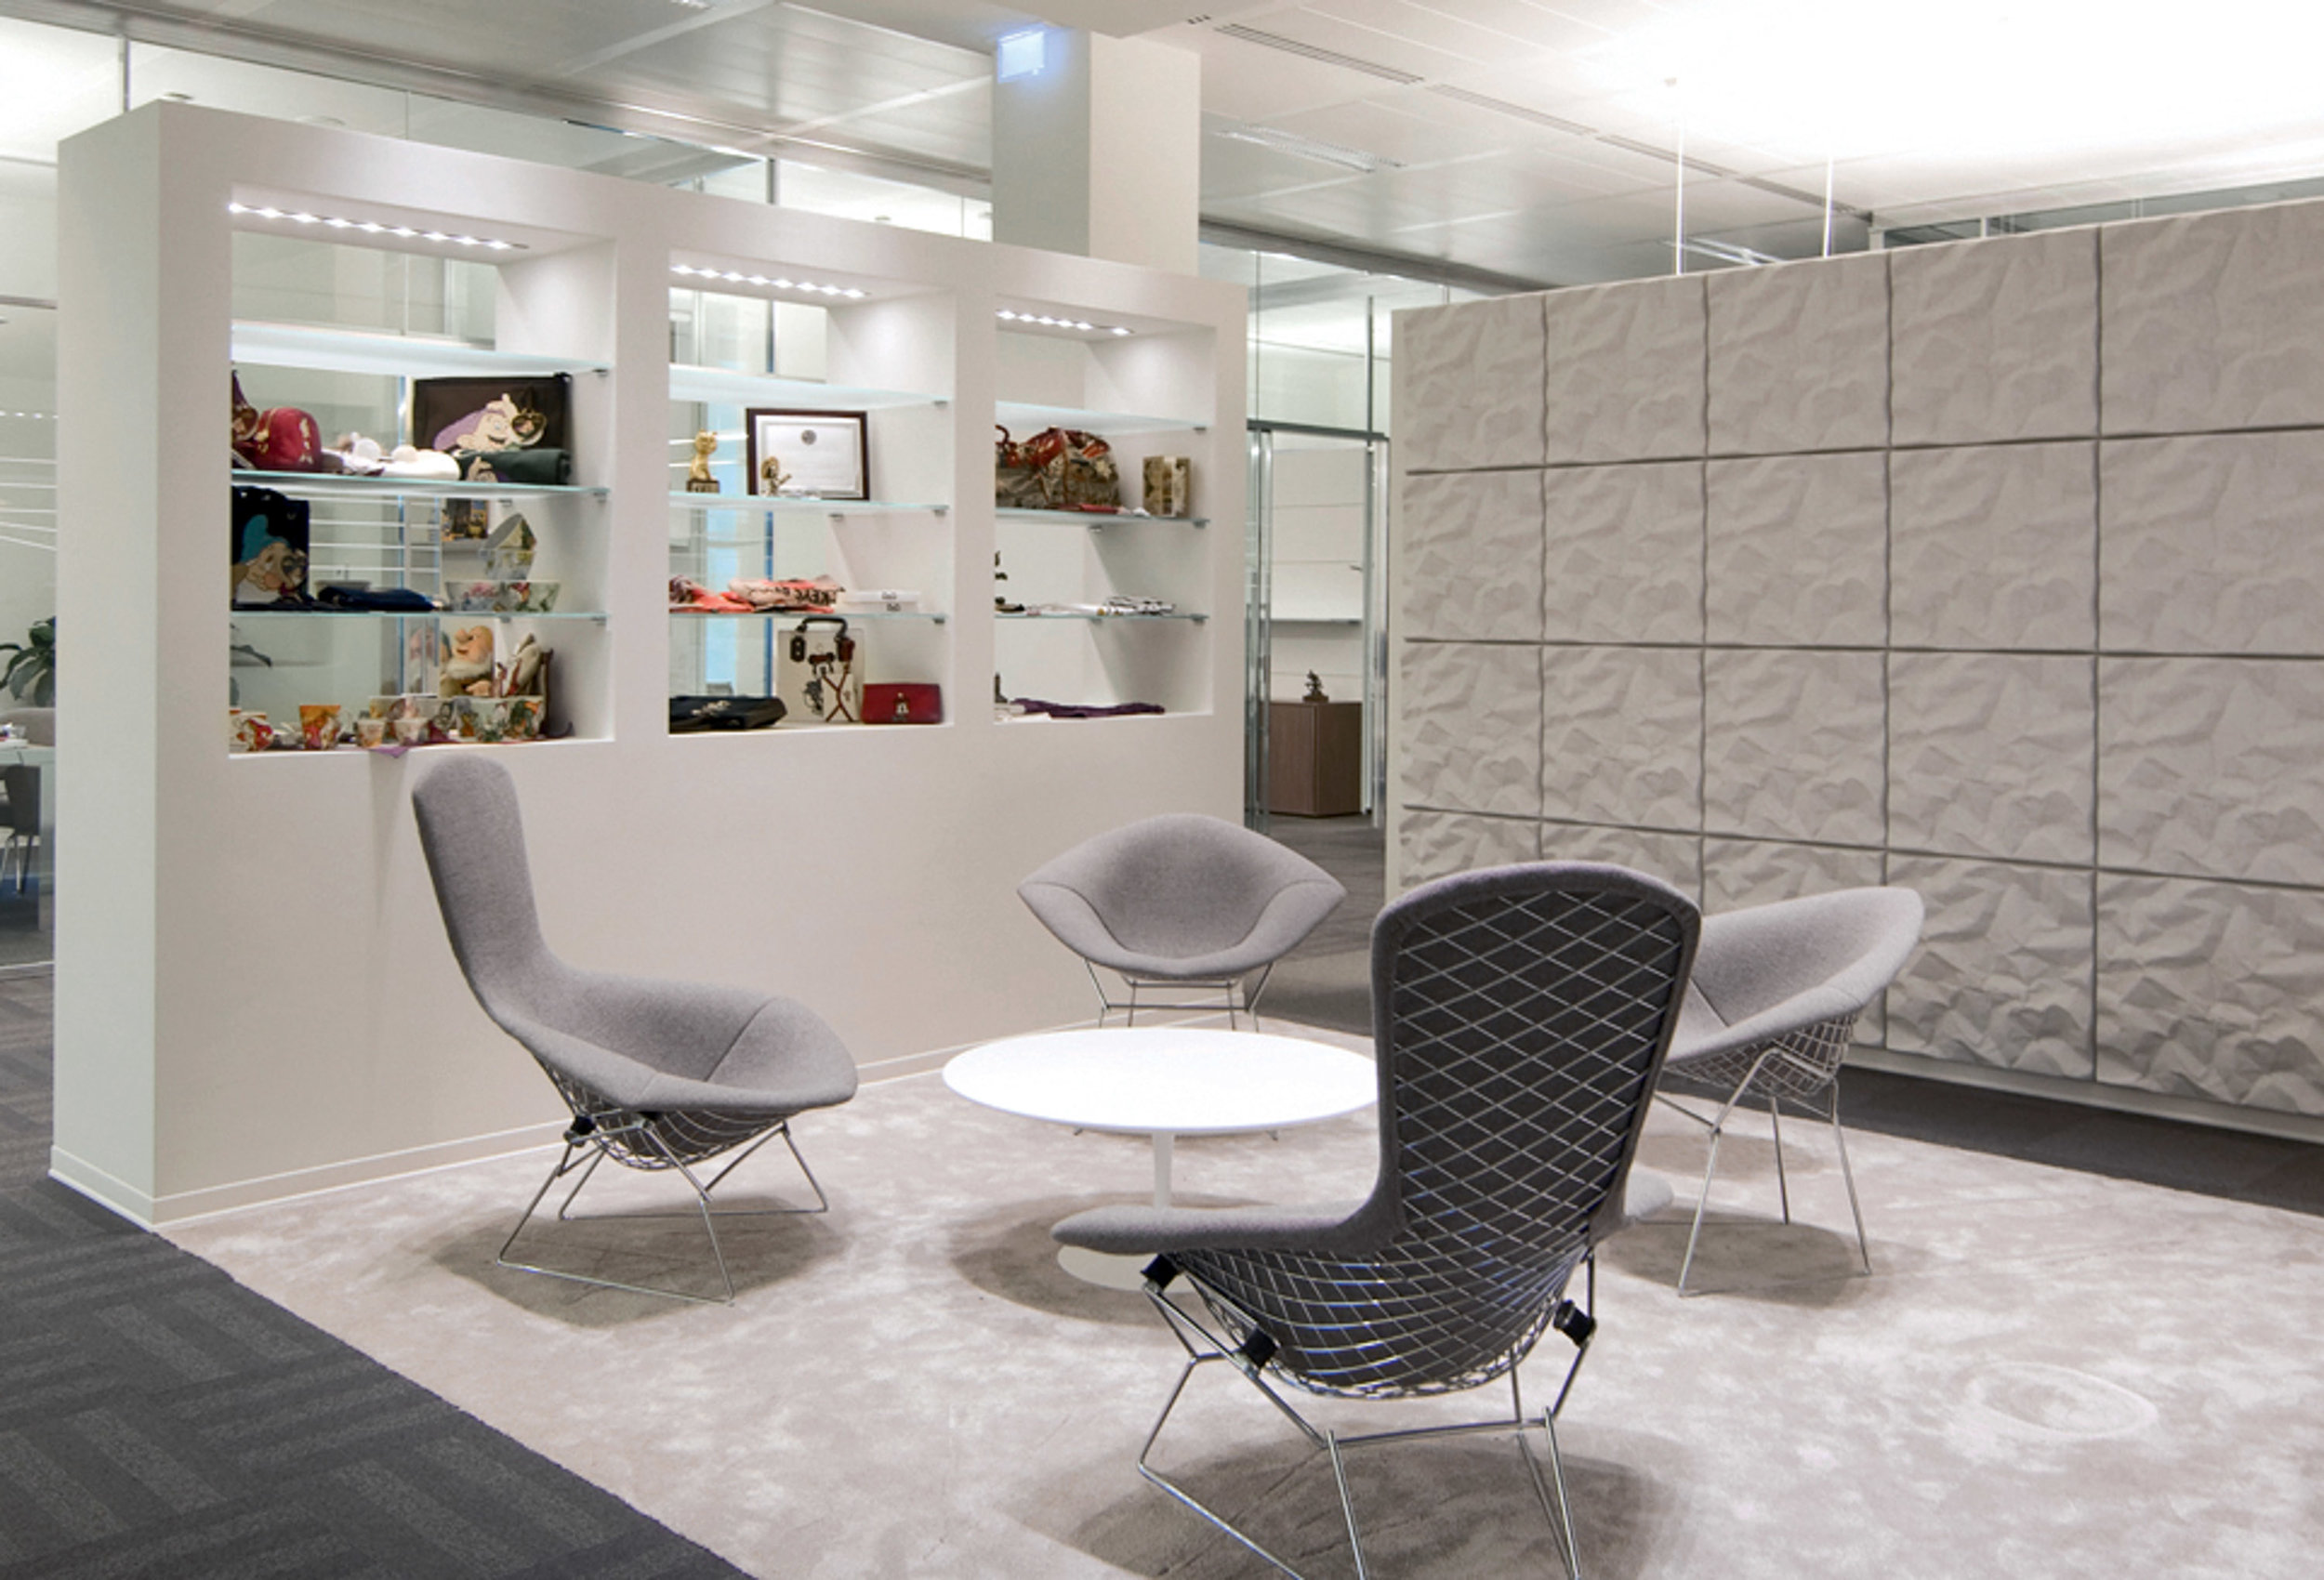 $$$ - Saarinen Medium Round Coffee Table